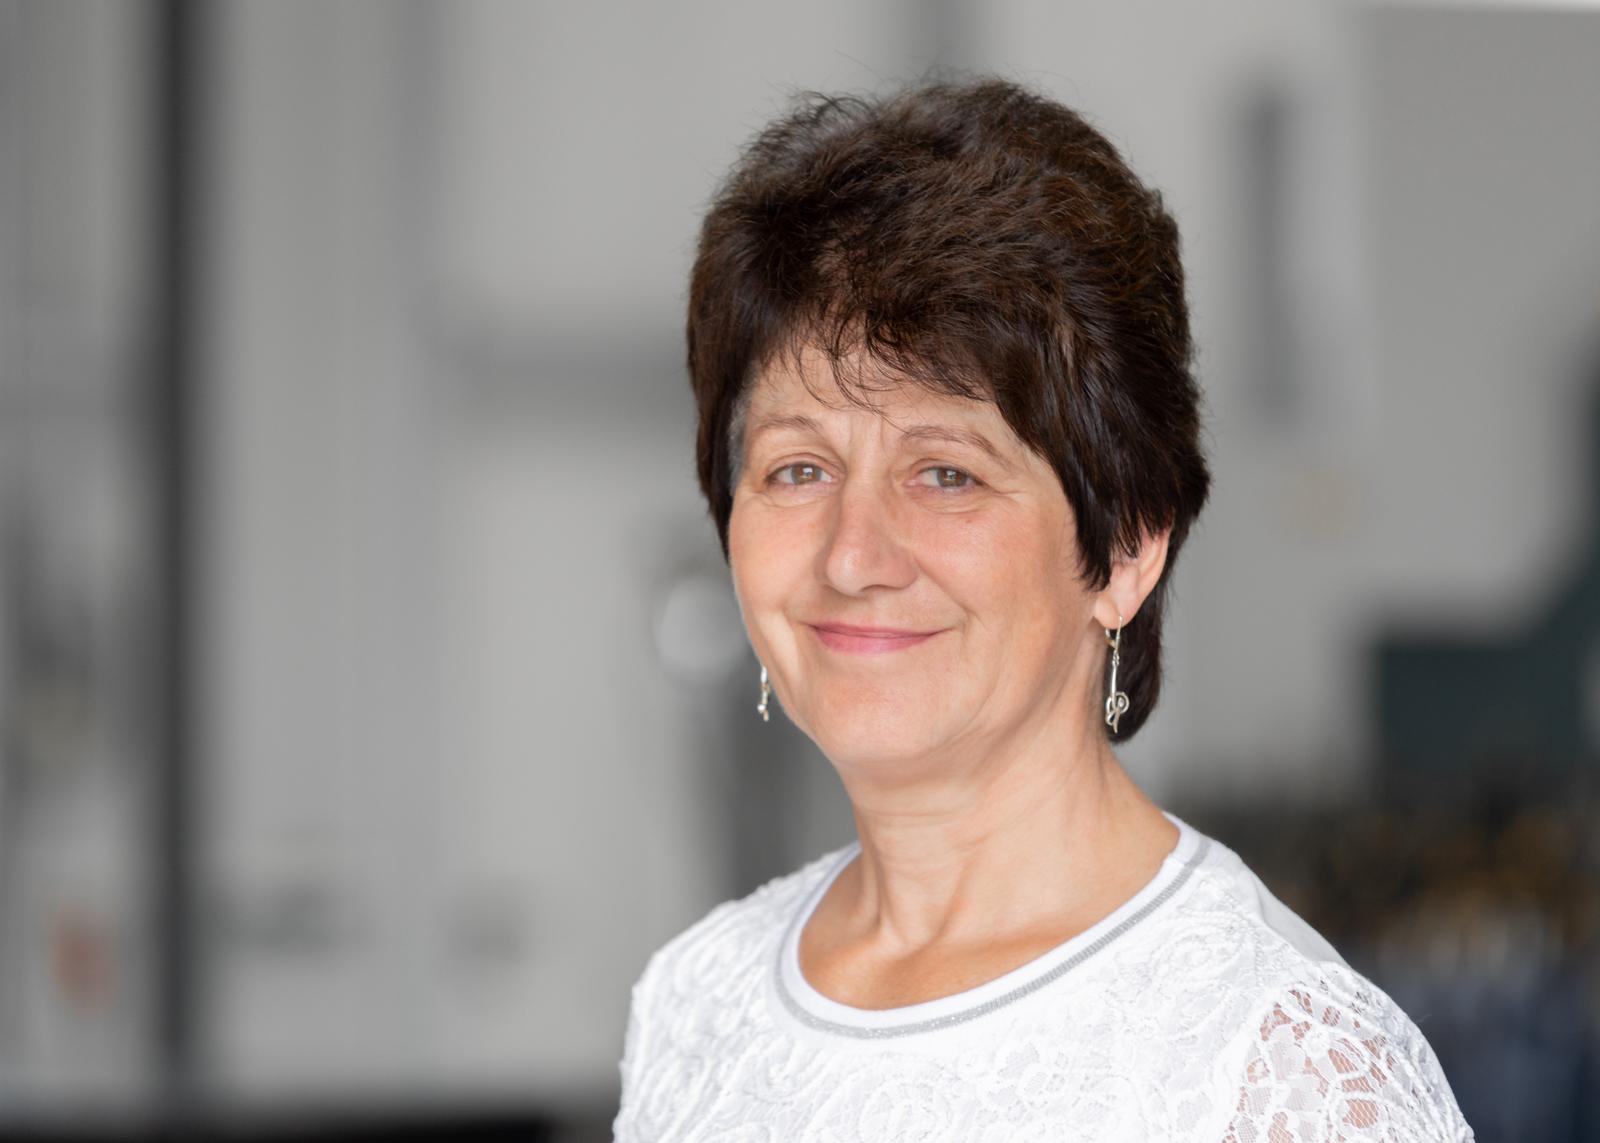 Erika Bock